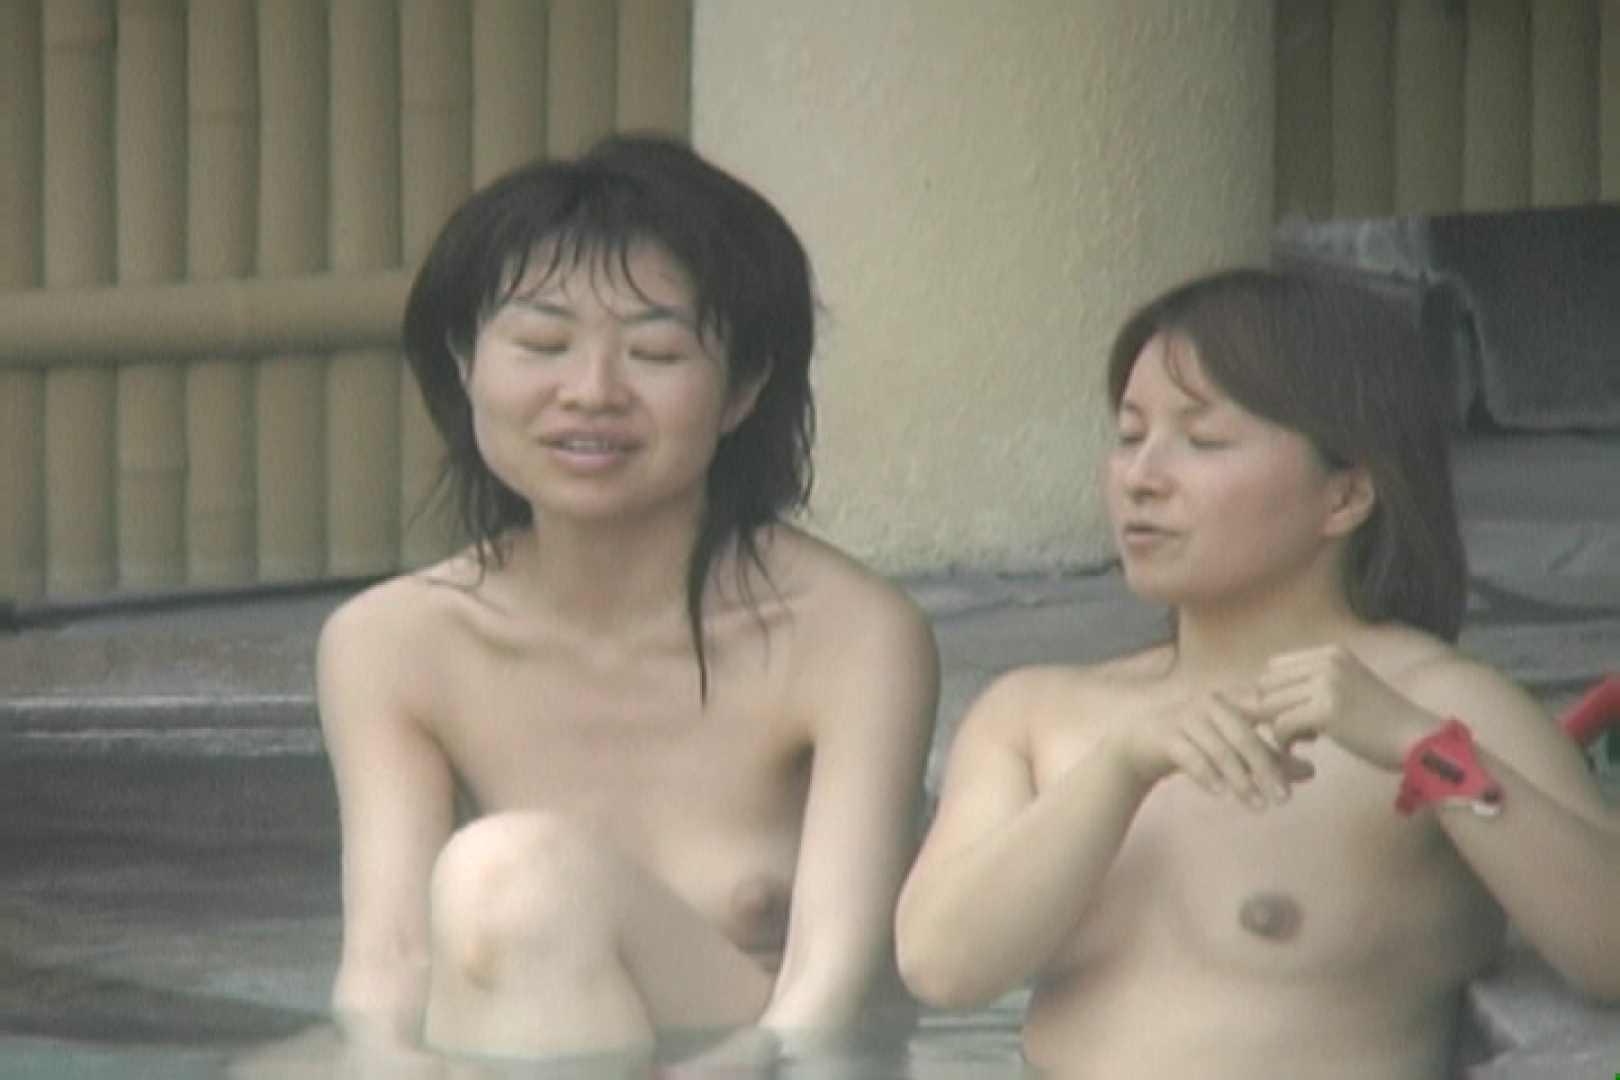 高画質露天女風呂観察 vol.012 HなOL SEX無修正画像 91pic 58